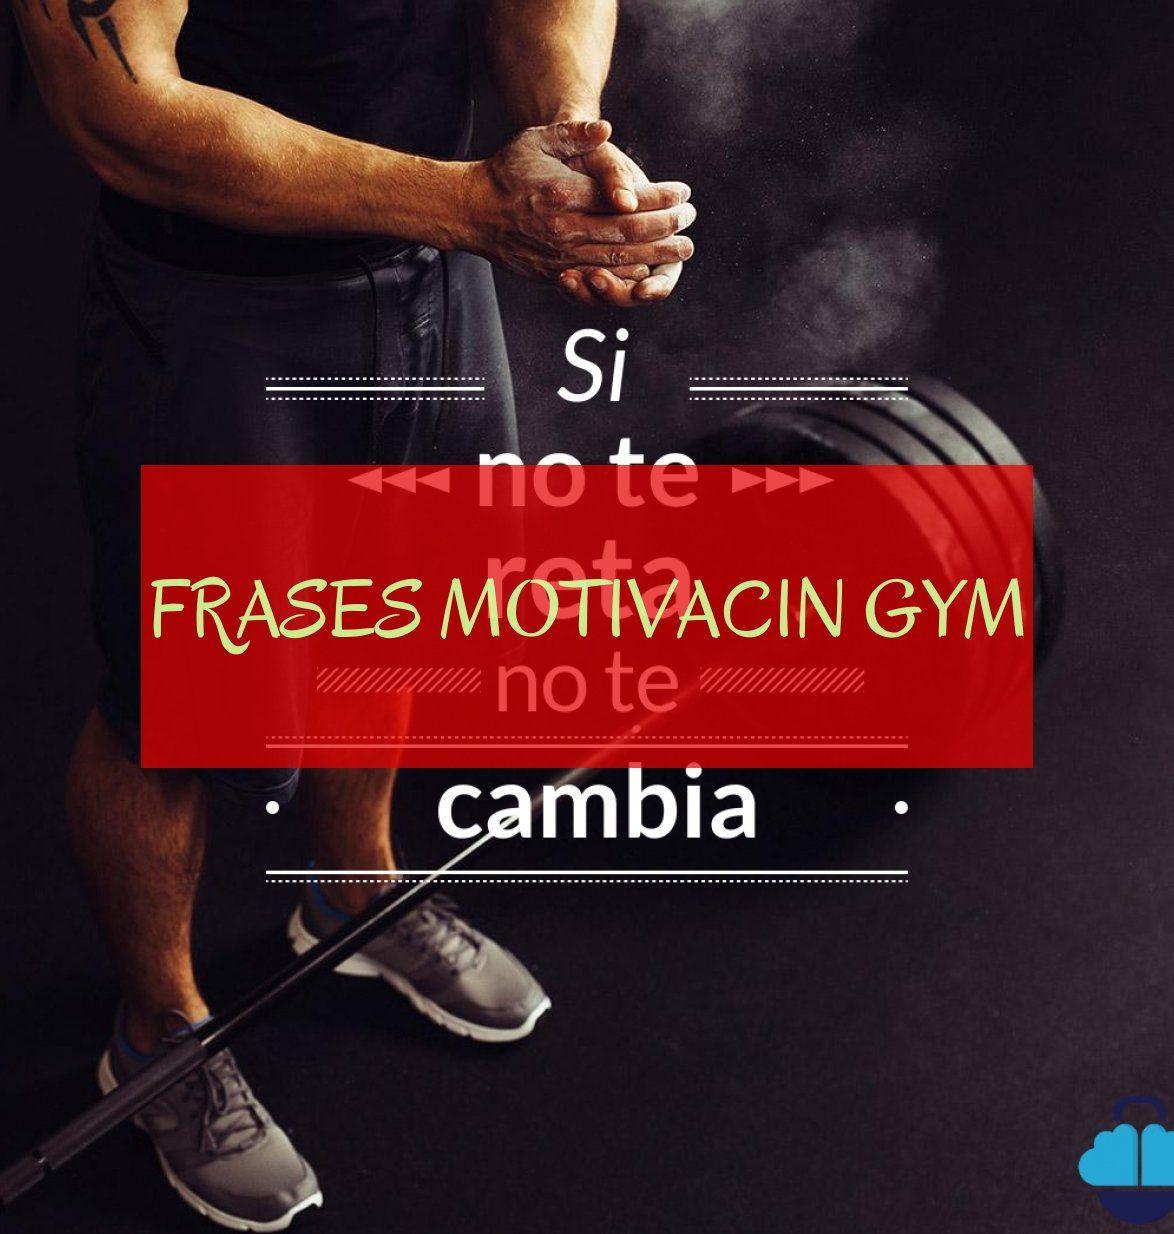 frases motivacin gym #frases #motivacin